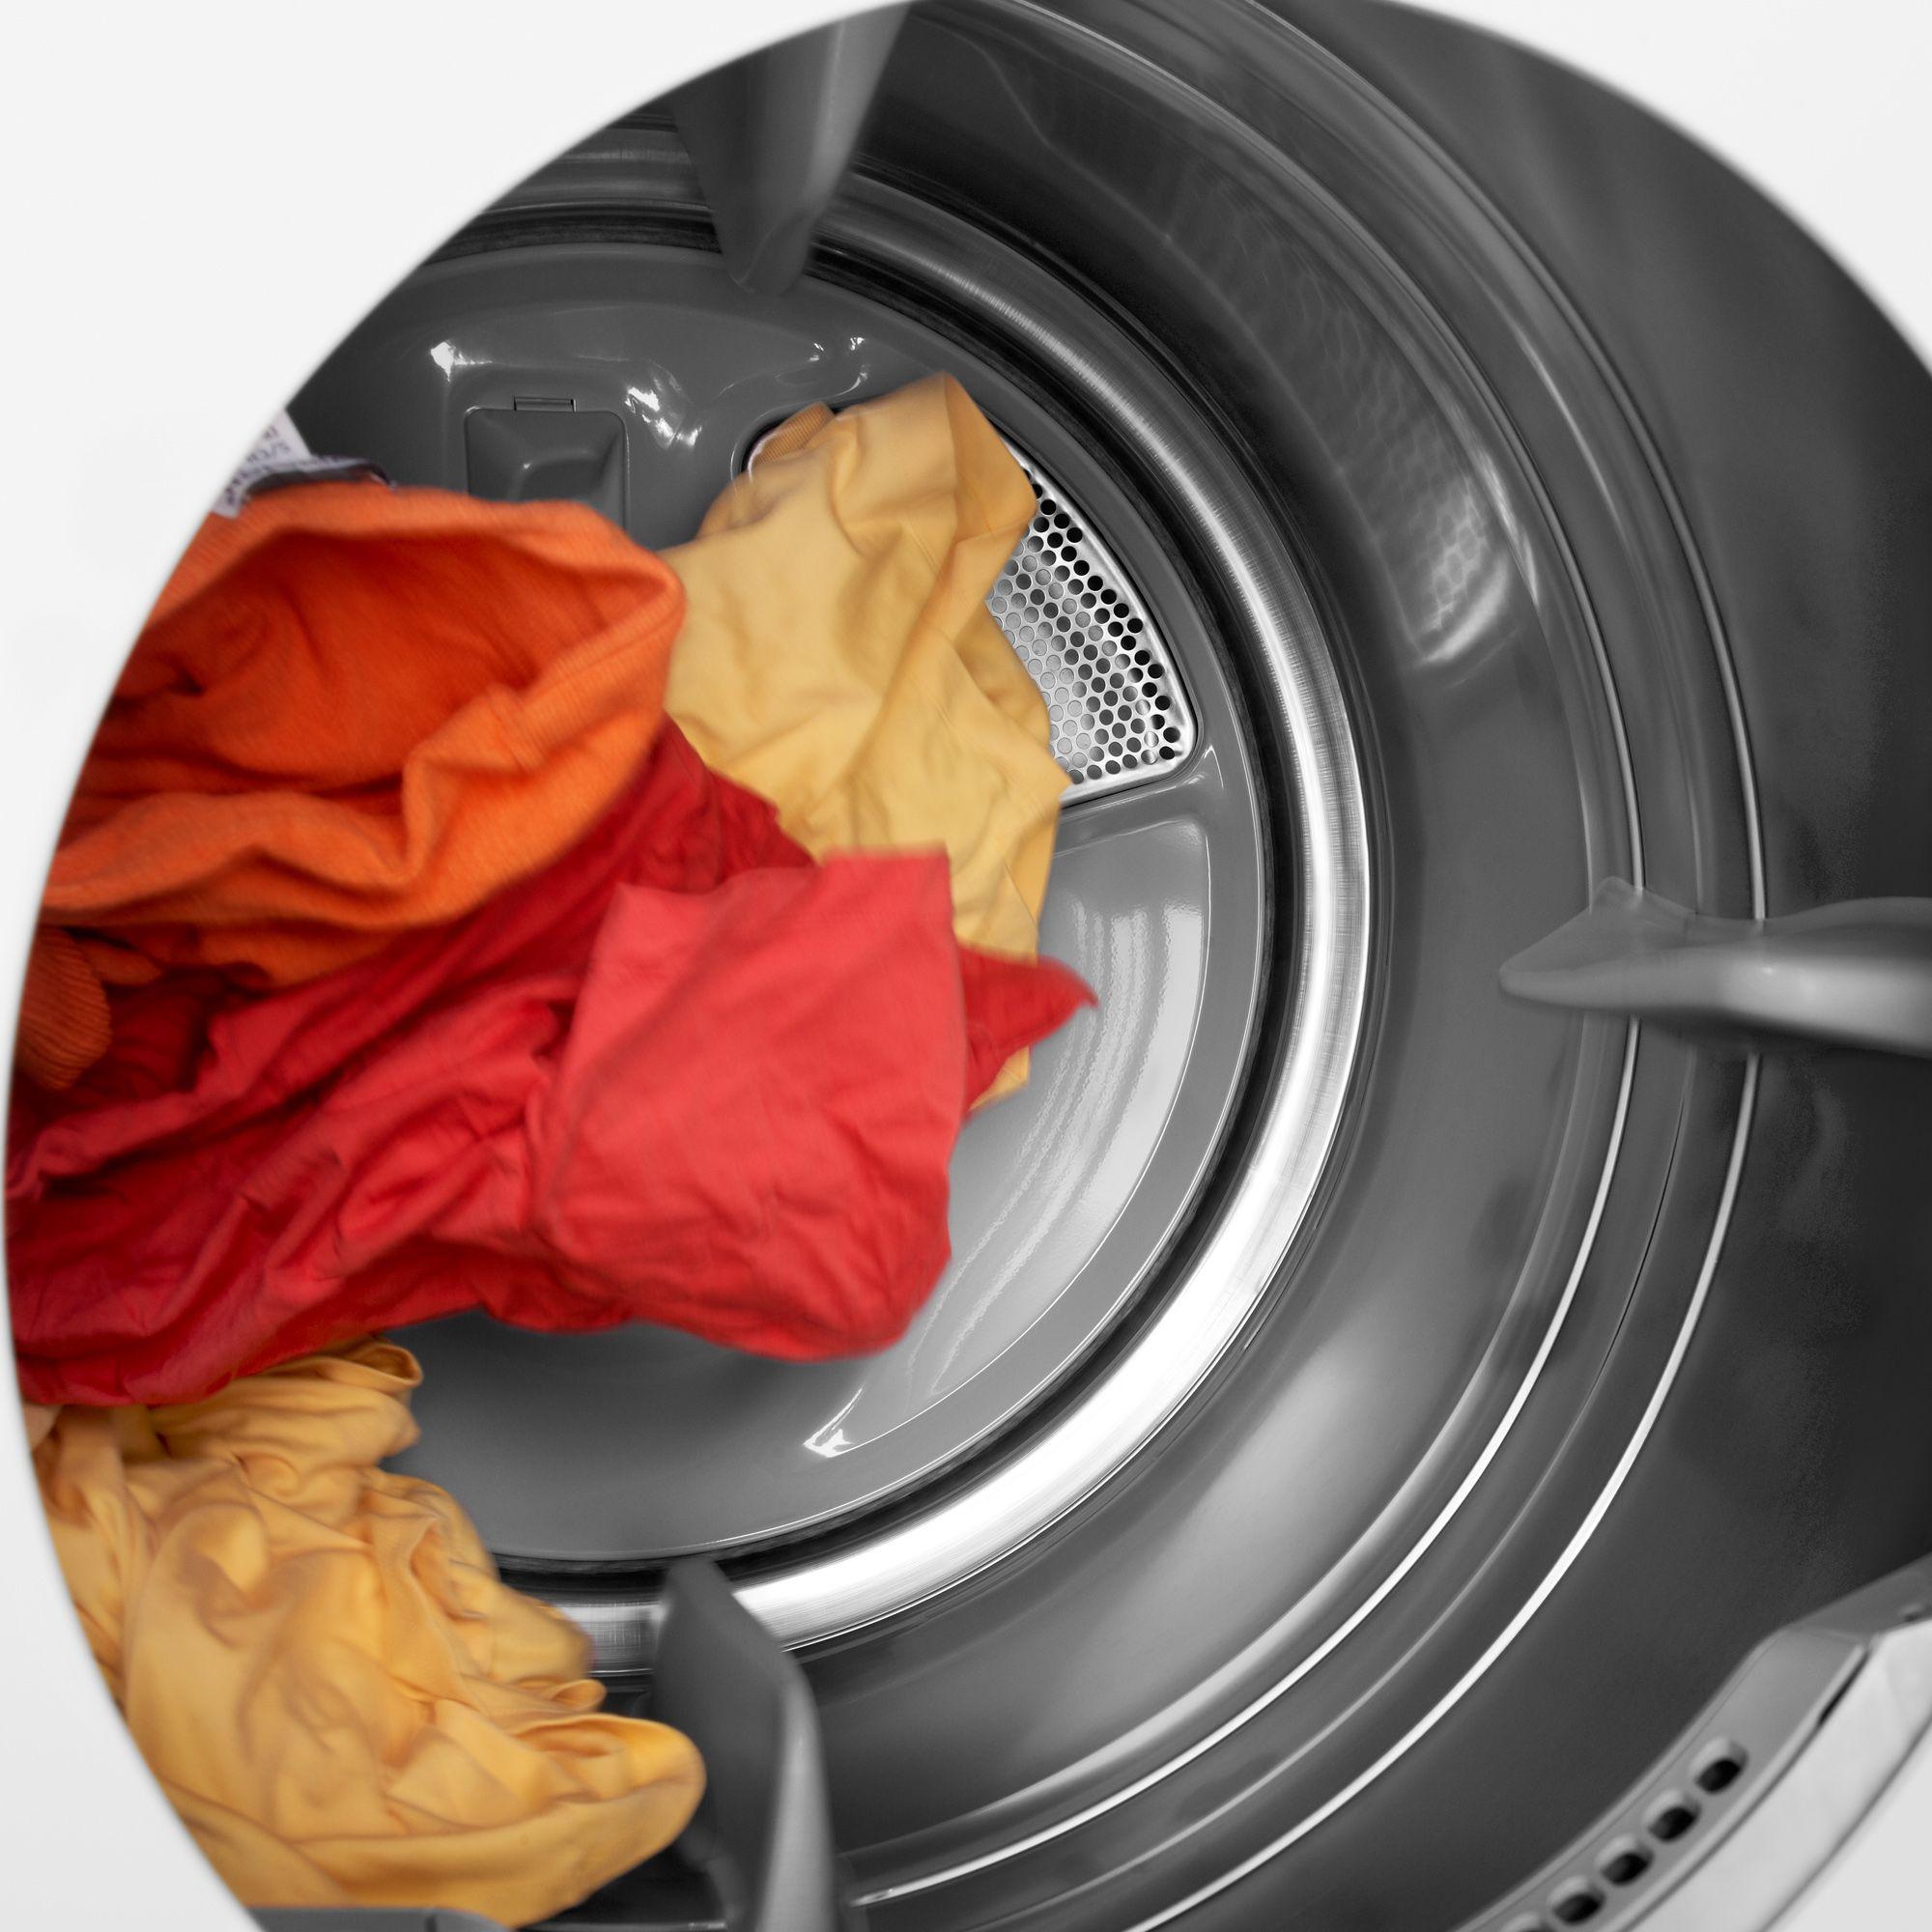 Maytag 7.4 cu. ft. Gas Steam Dryer, White